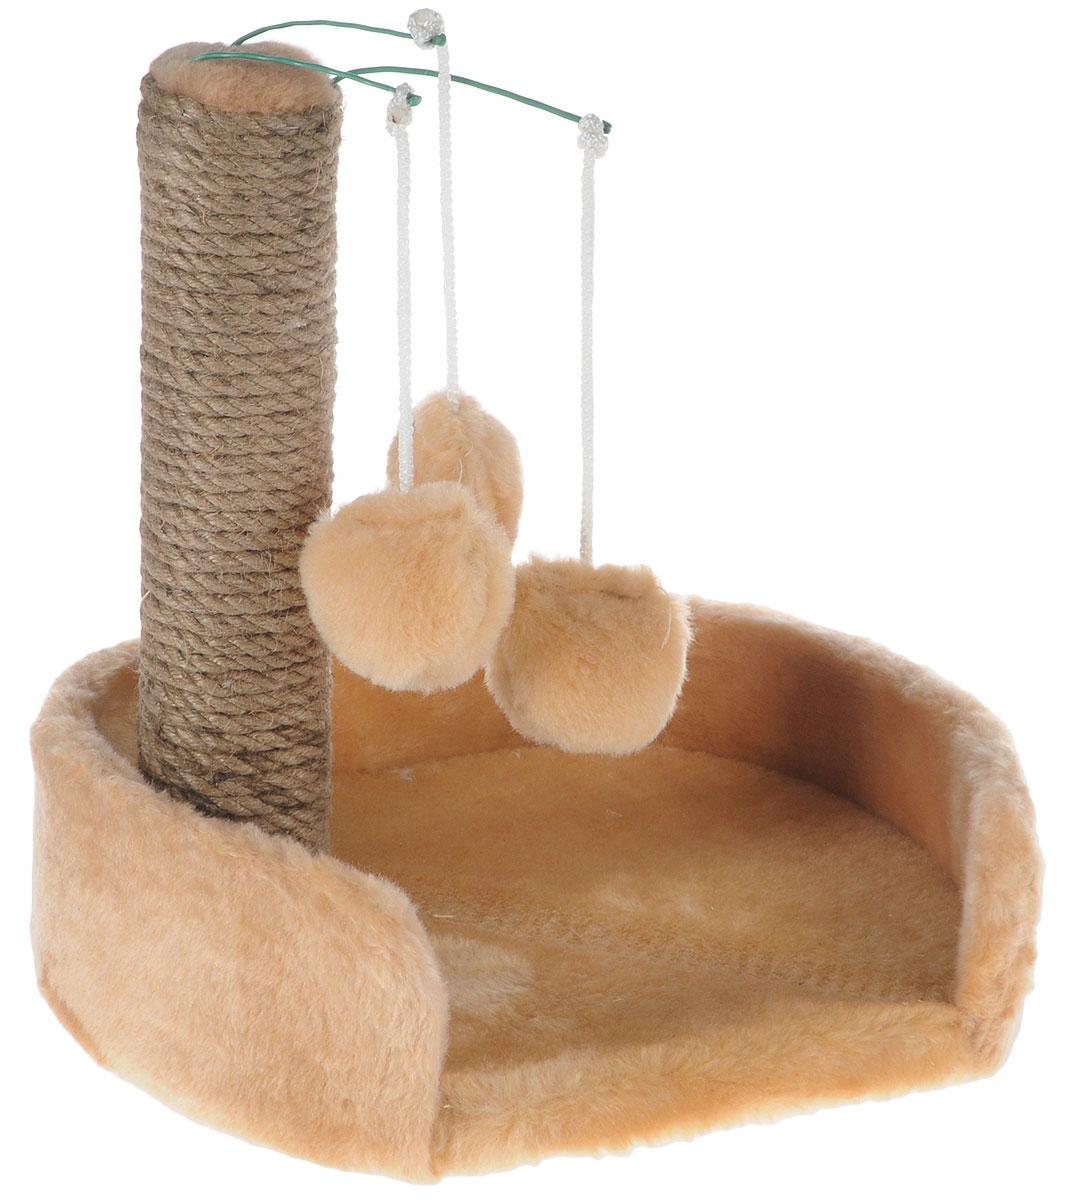 Когтеточка для котят Меридиан, с лежанкой, цвет: светло-коричневый, бежевый, 34 х 26 х 34 см когтеточка для котят меридиан цветы двойная цвет белый светло коричневый 30 х 20 х 34 см